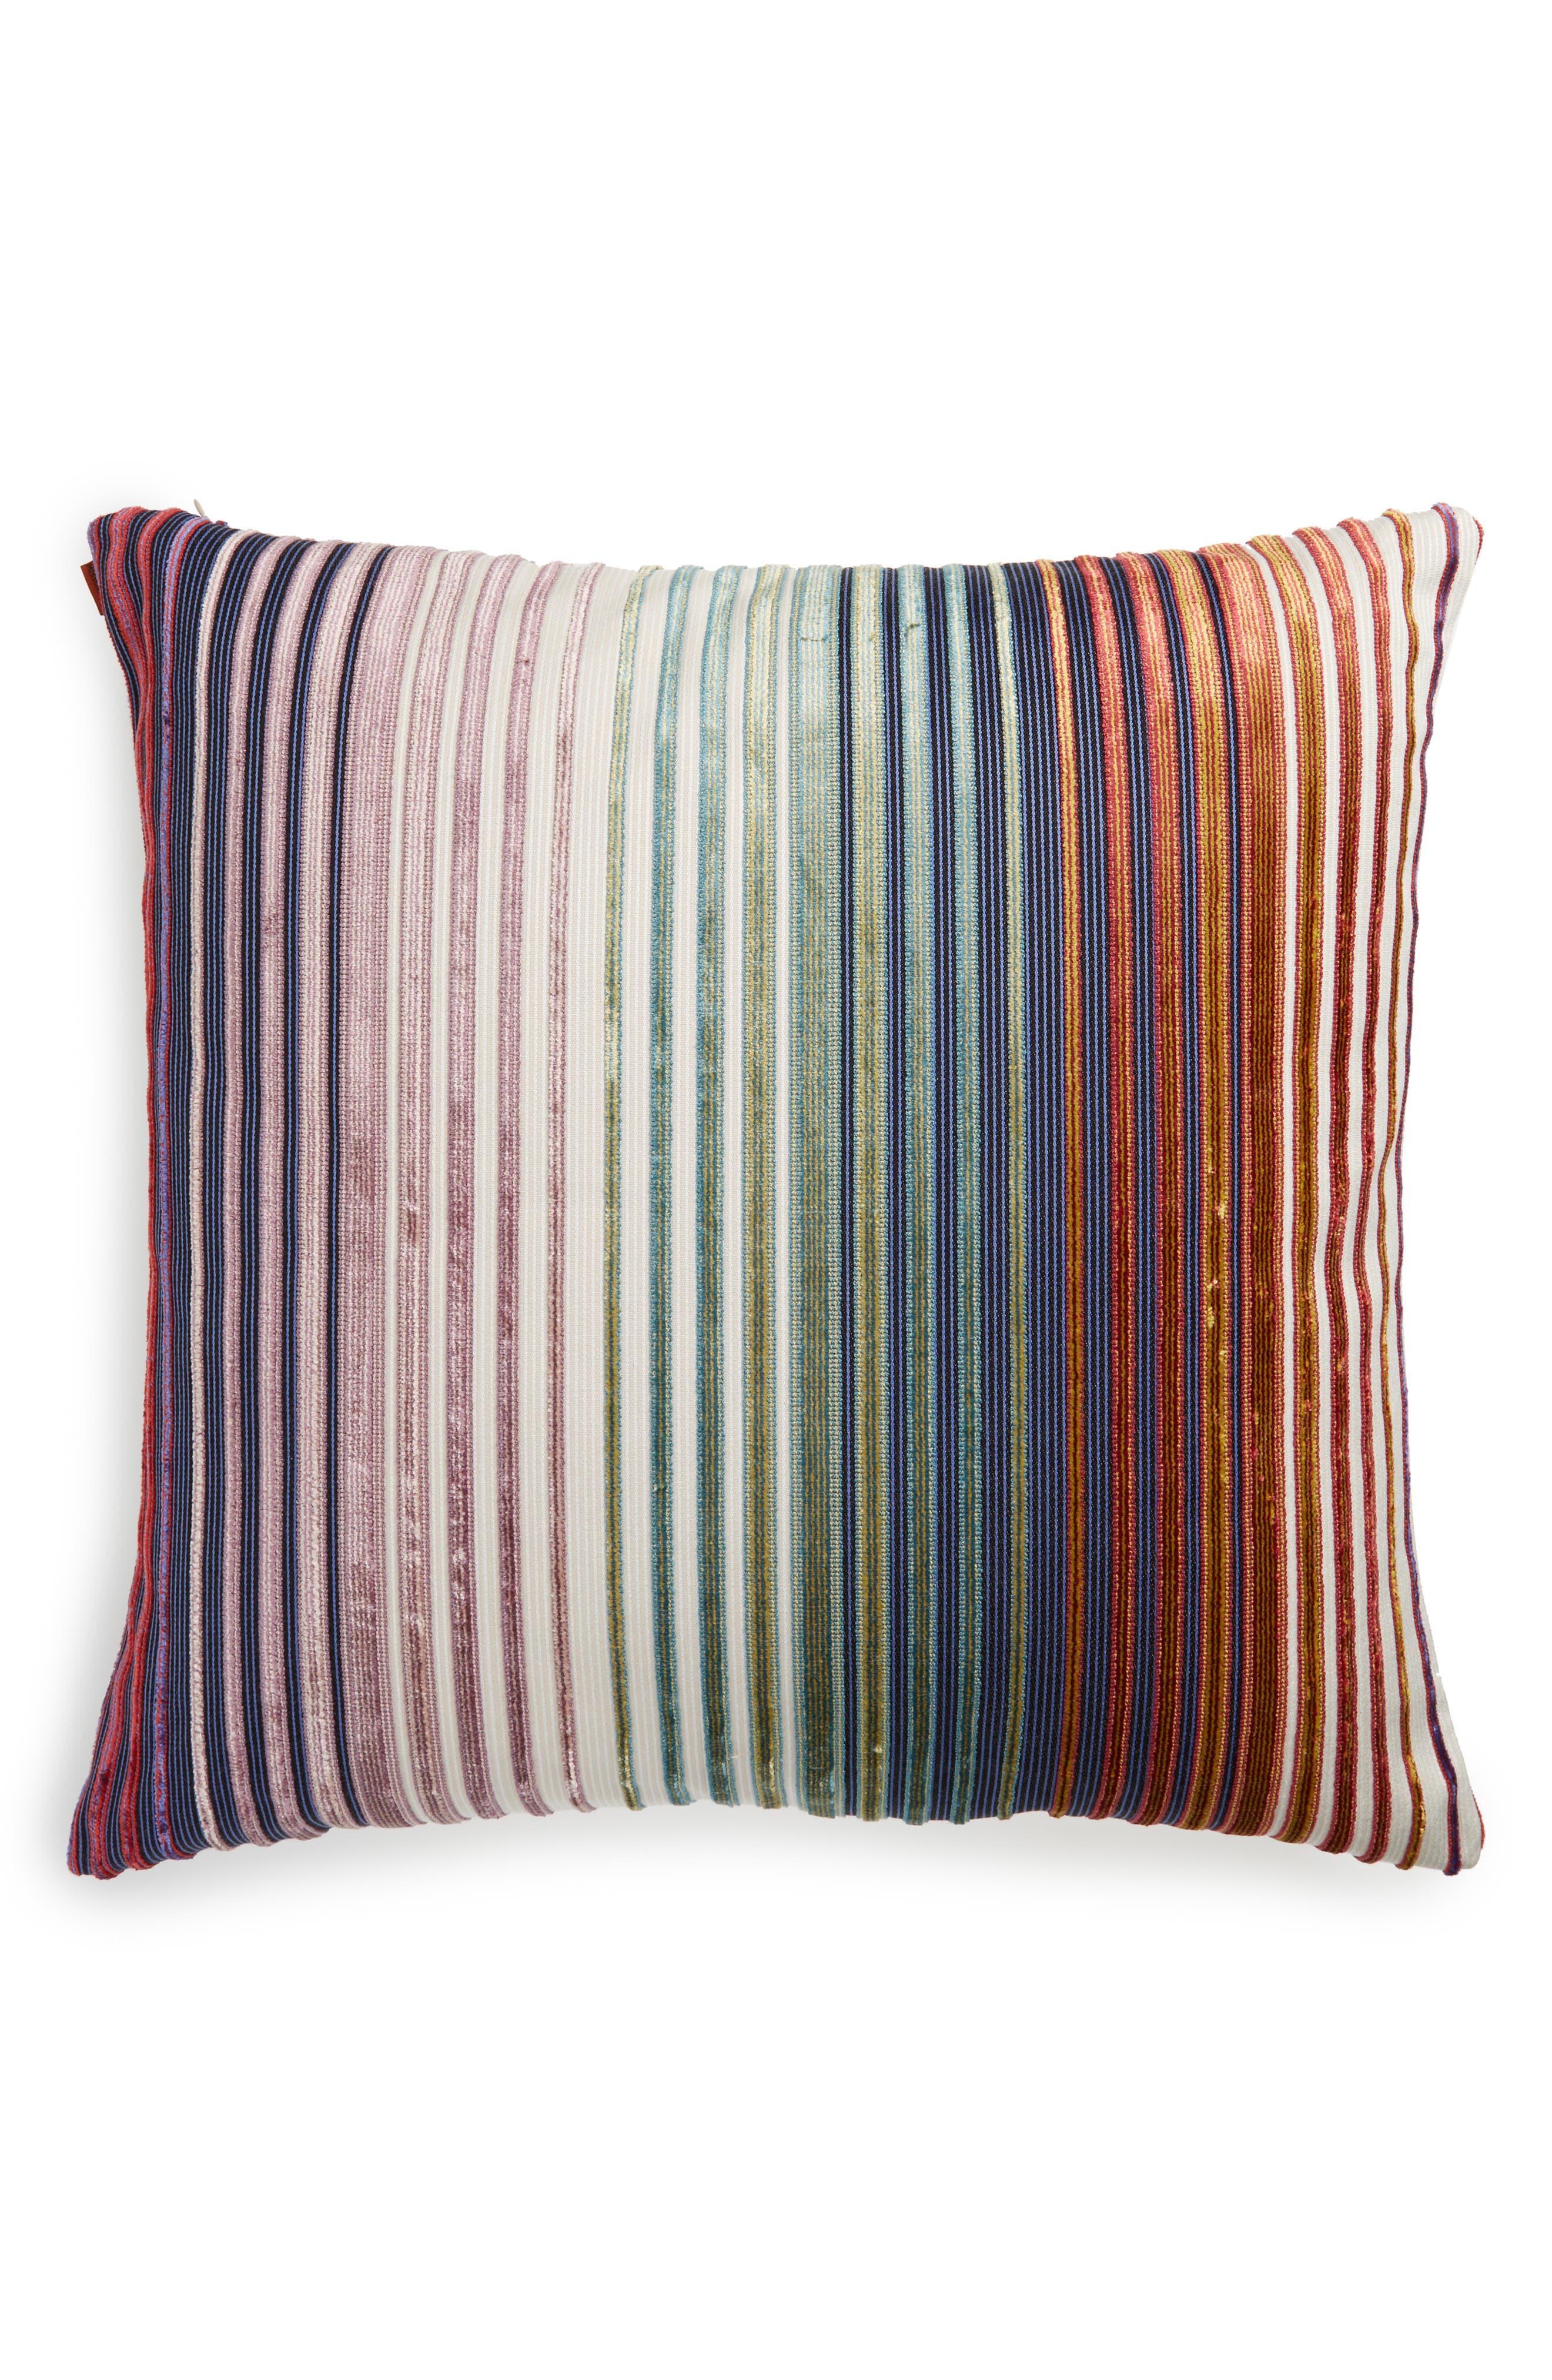 Missoni Tunisi Accent Pillow